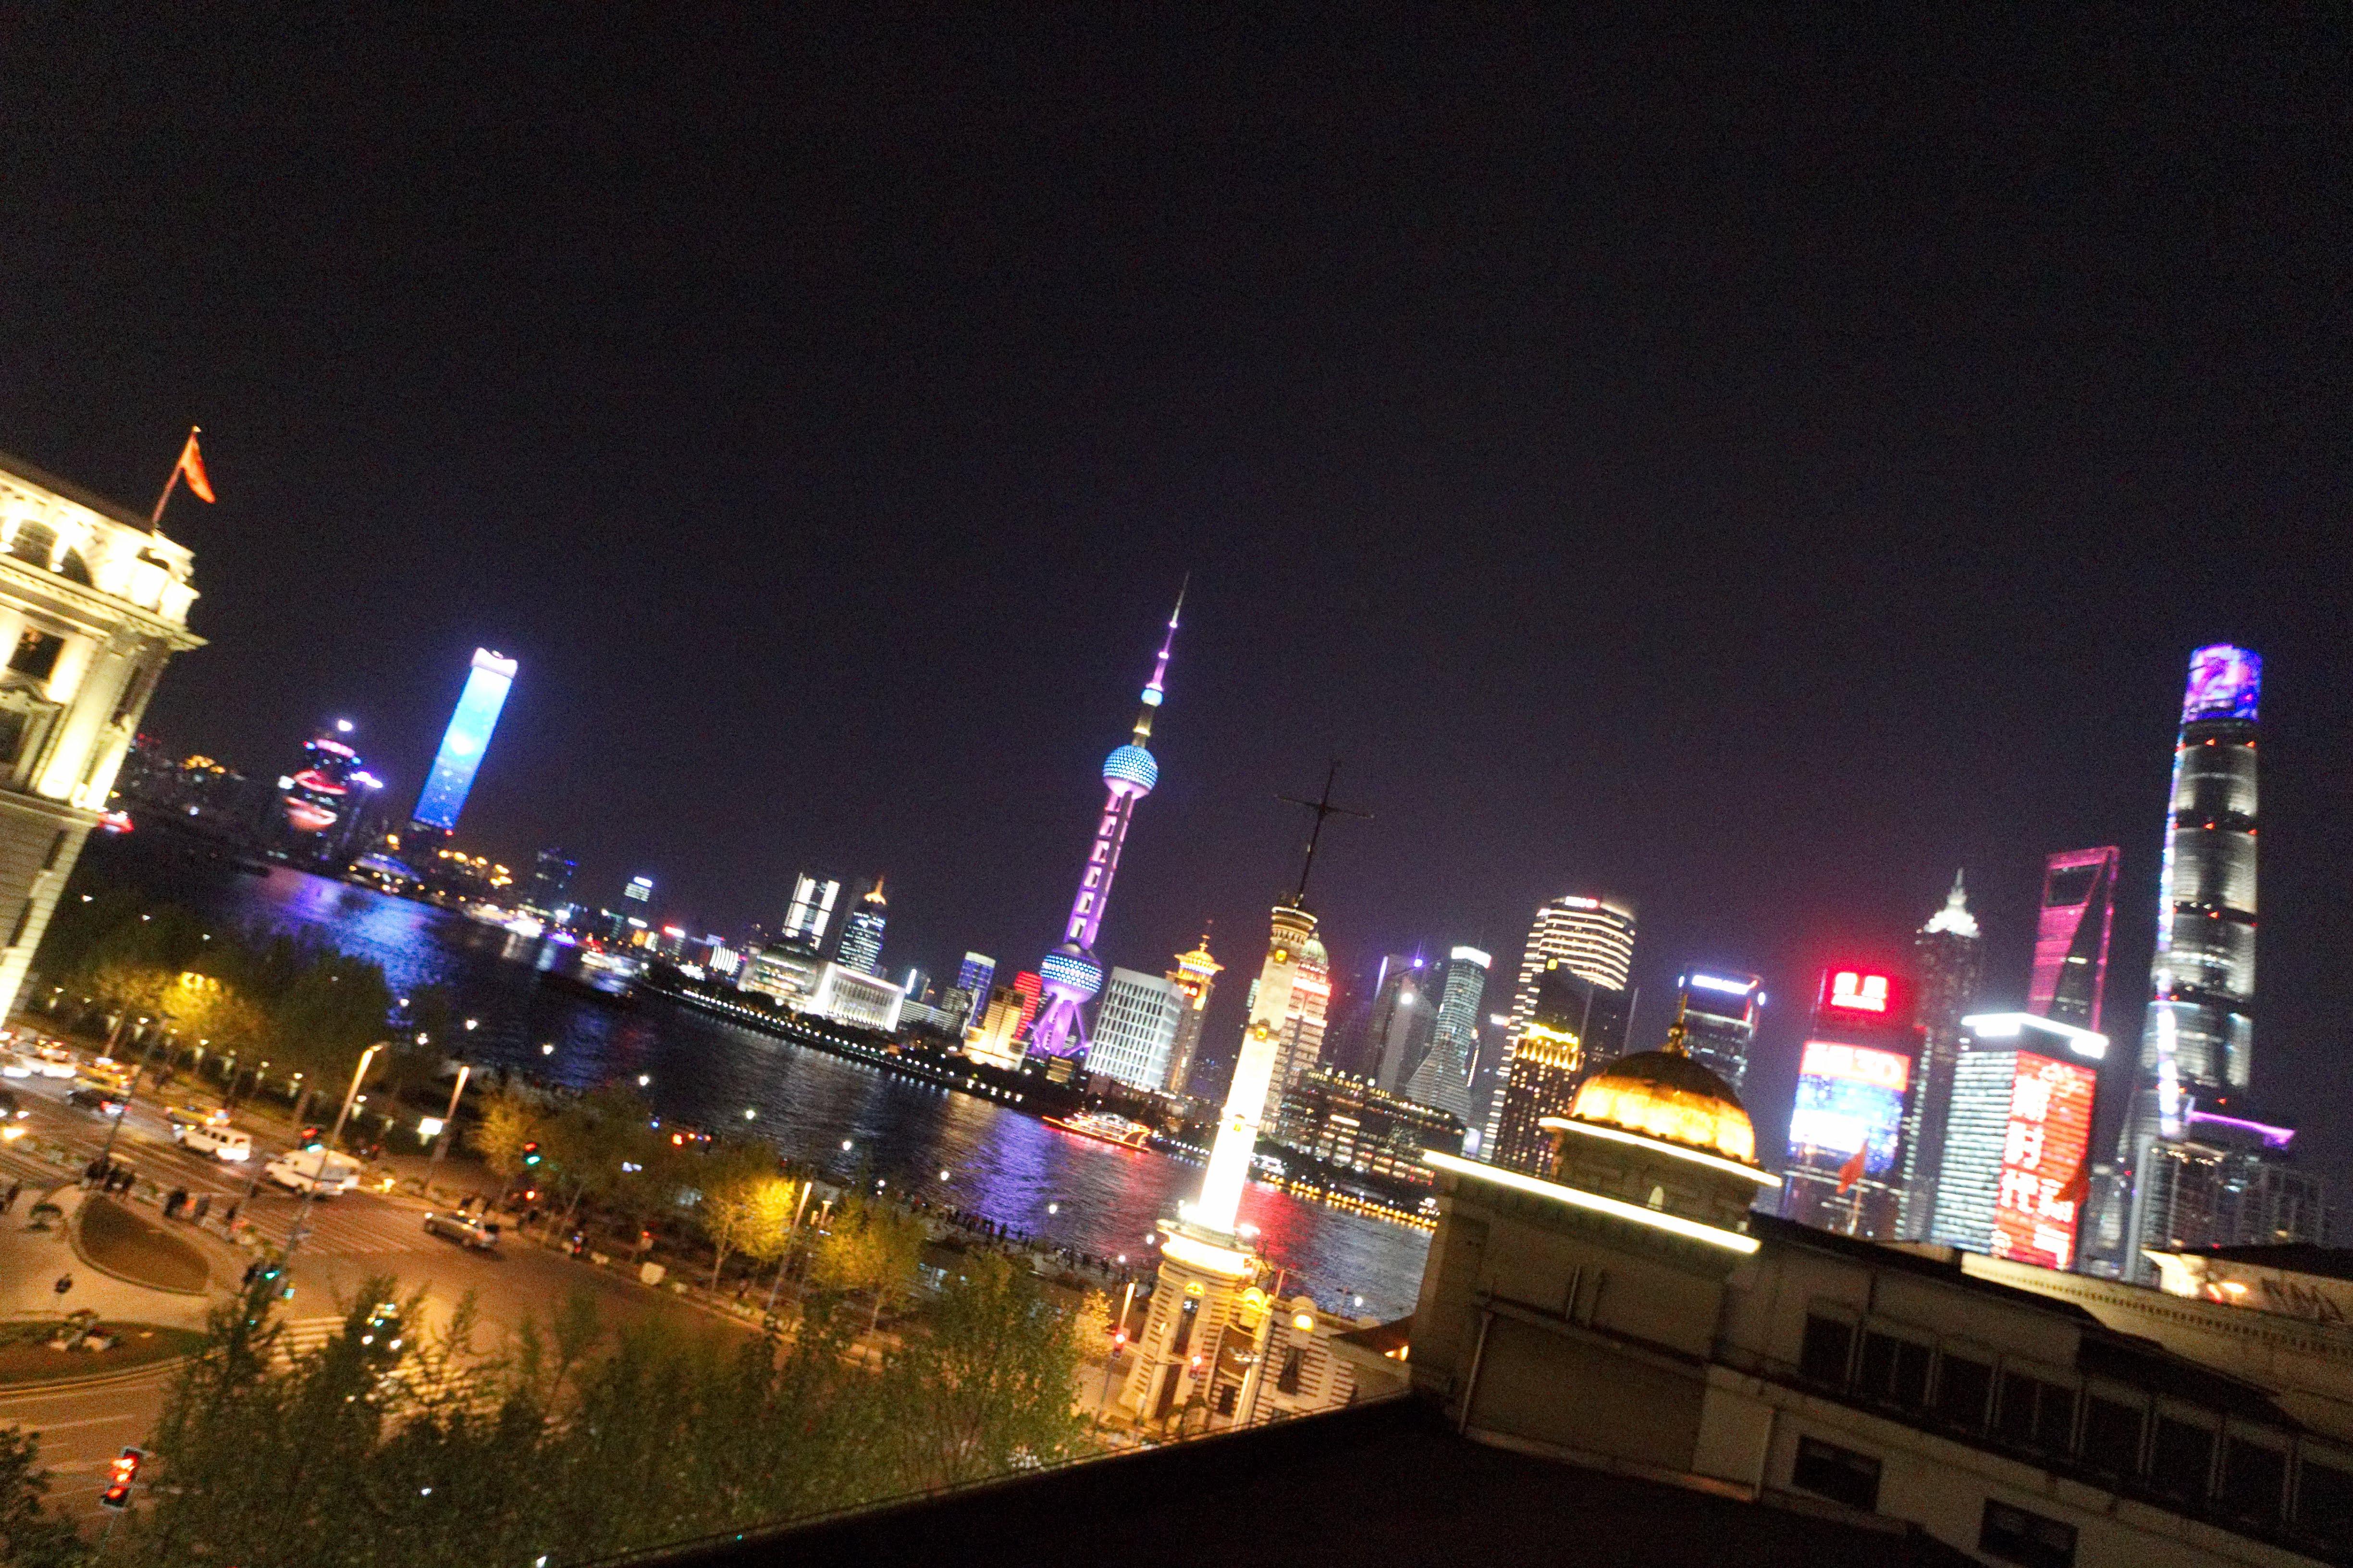 上海:最新テクノロジーを体験する旅(2泊4日)